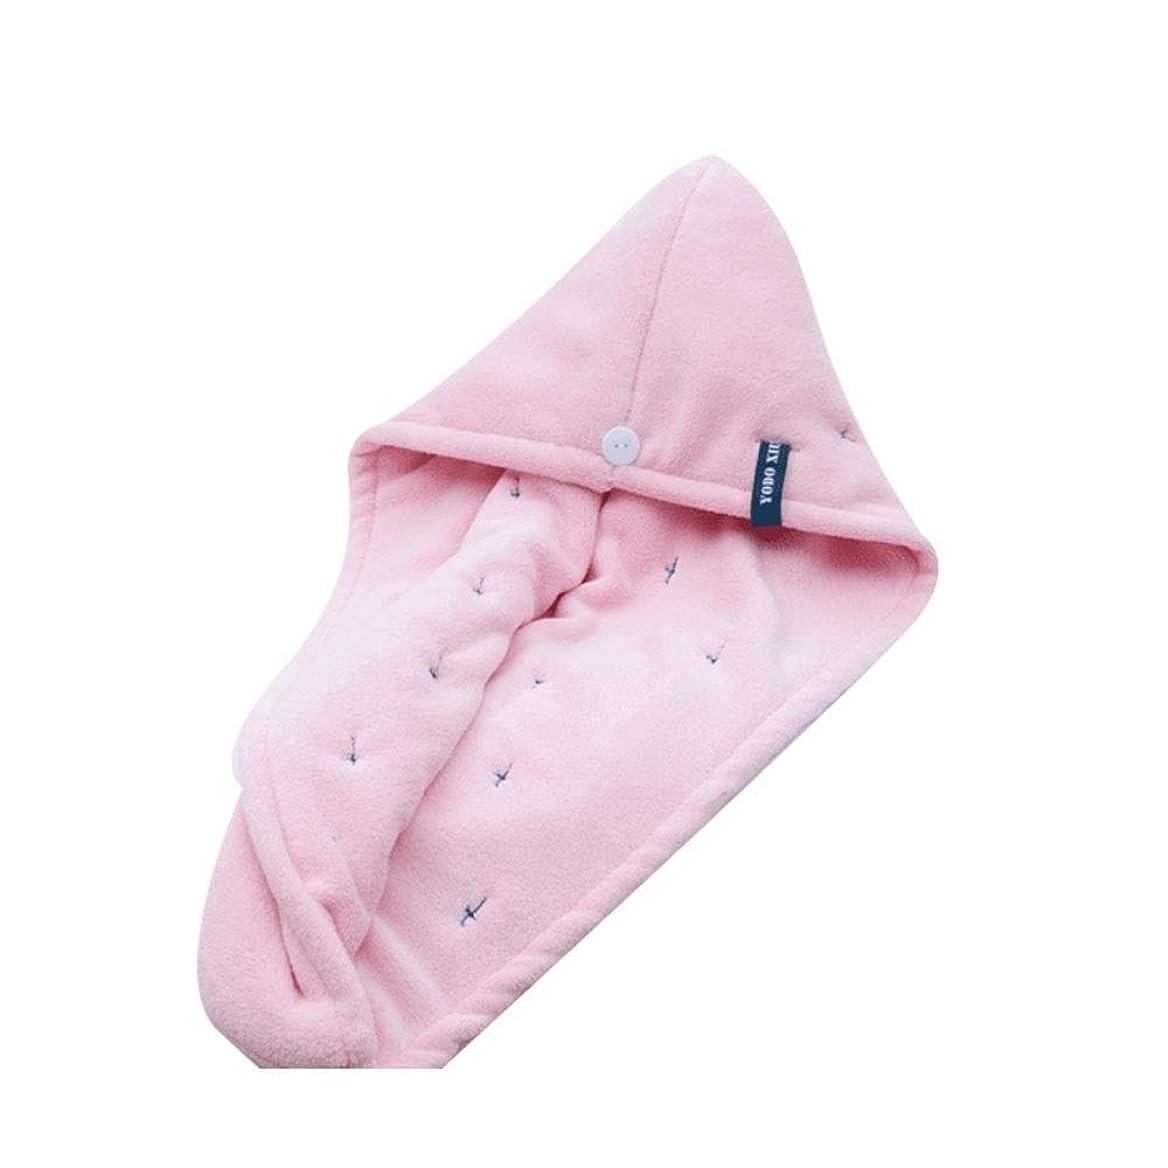 資本主義初心者課すTYLDZ シャワーキャップ、コットンドライヘアーキャップ、ロングヘアフード付きシャワーキャップ、シャンプーや速乾性シャワーキャップ、2層超厚手のスタイルから選択する色のAバラエティ (Color : Pink)